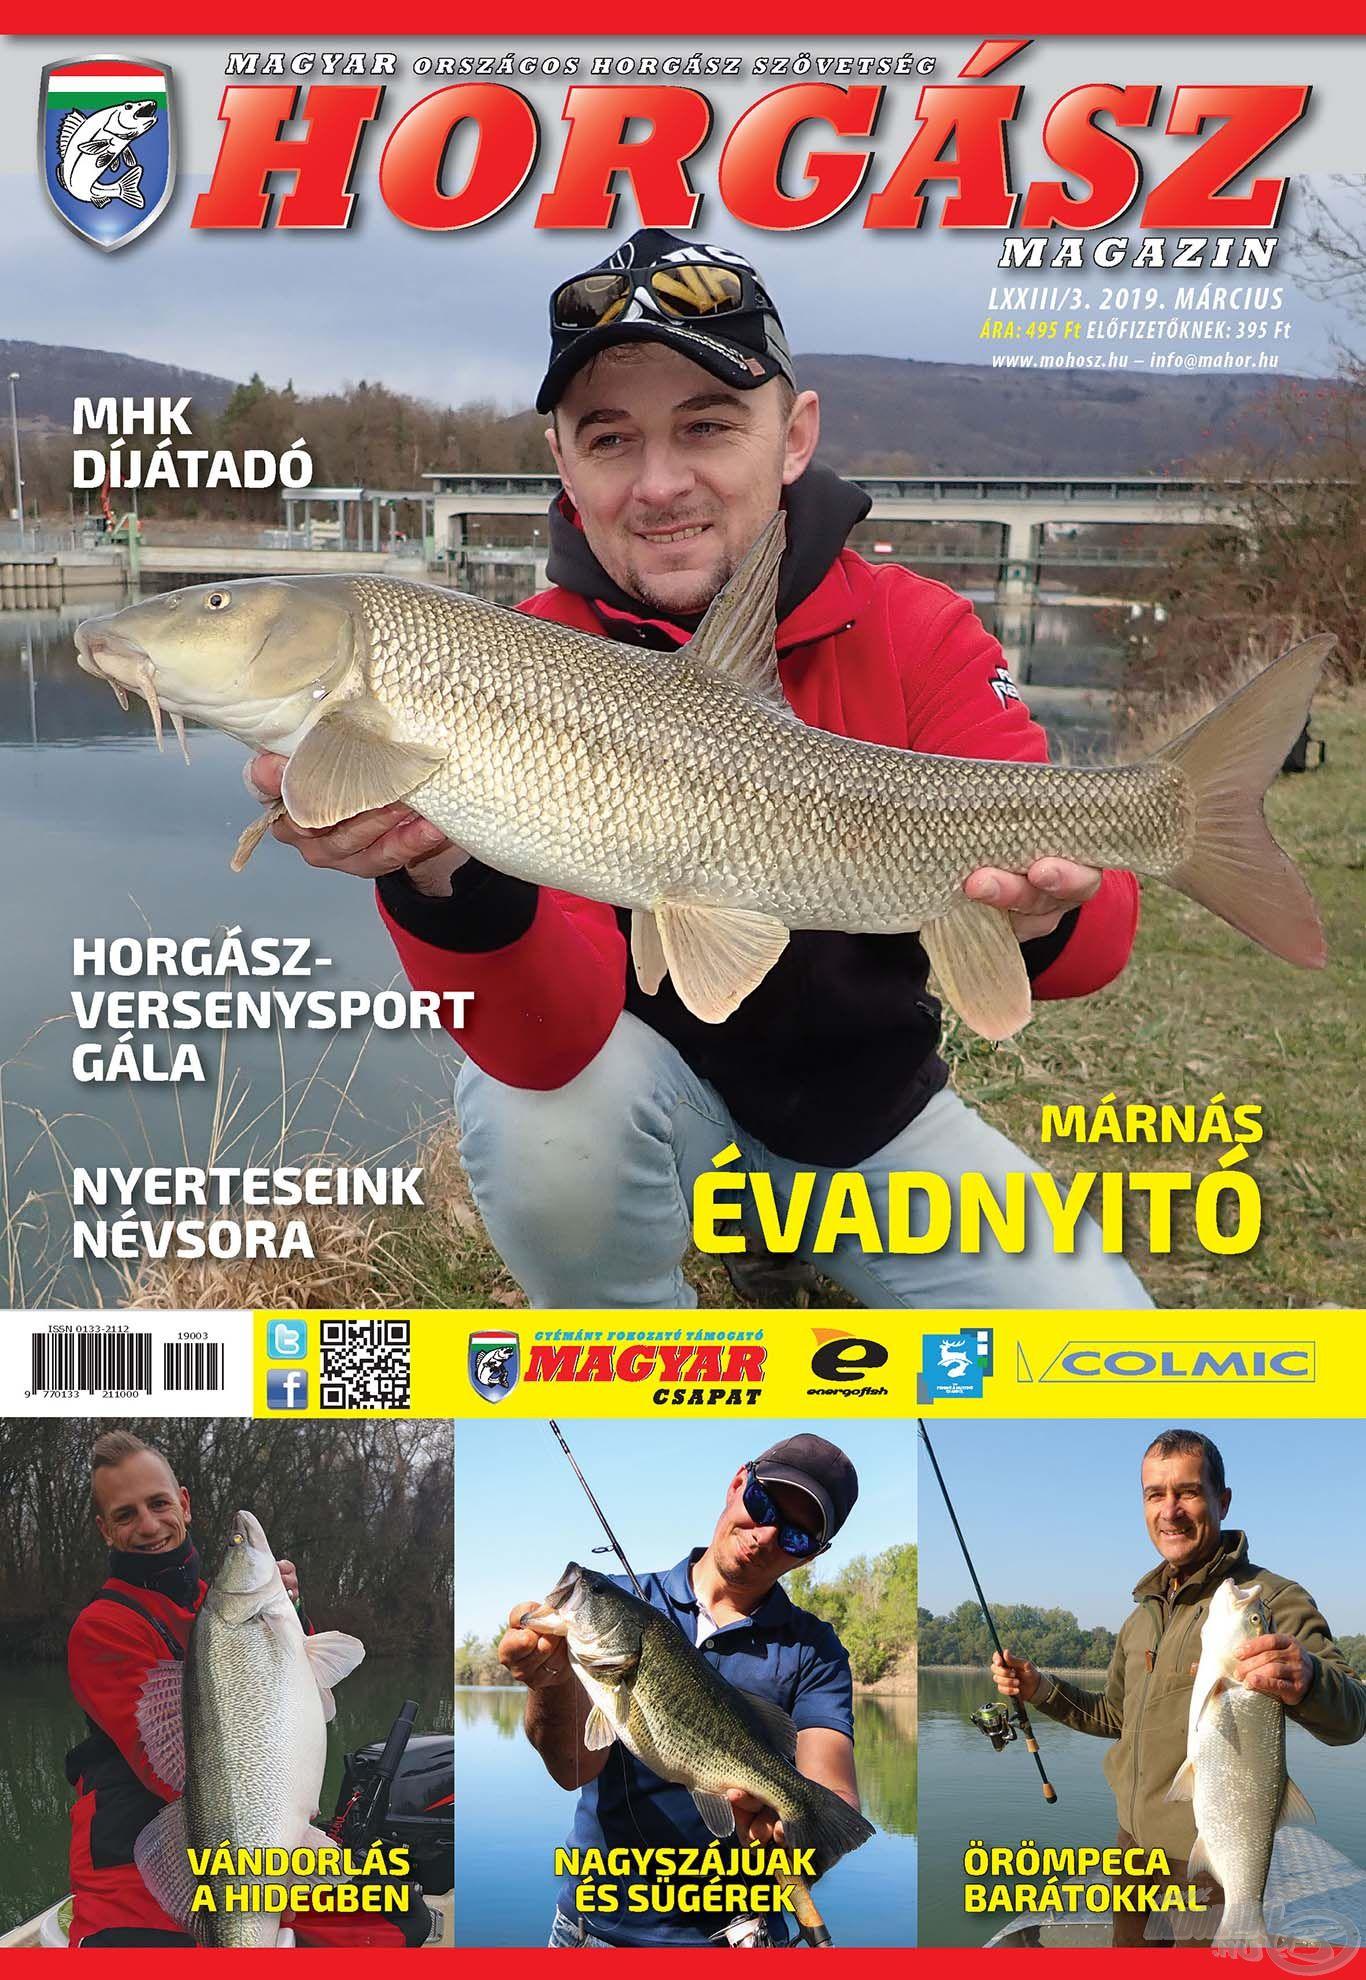 Megjelent a Magyar Horgász 2019. márciusi száma